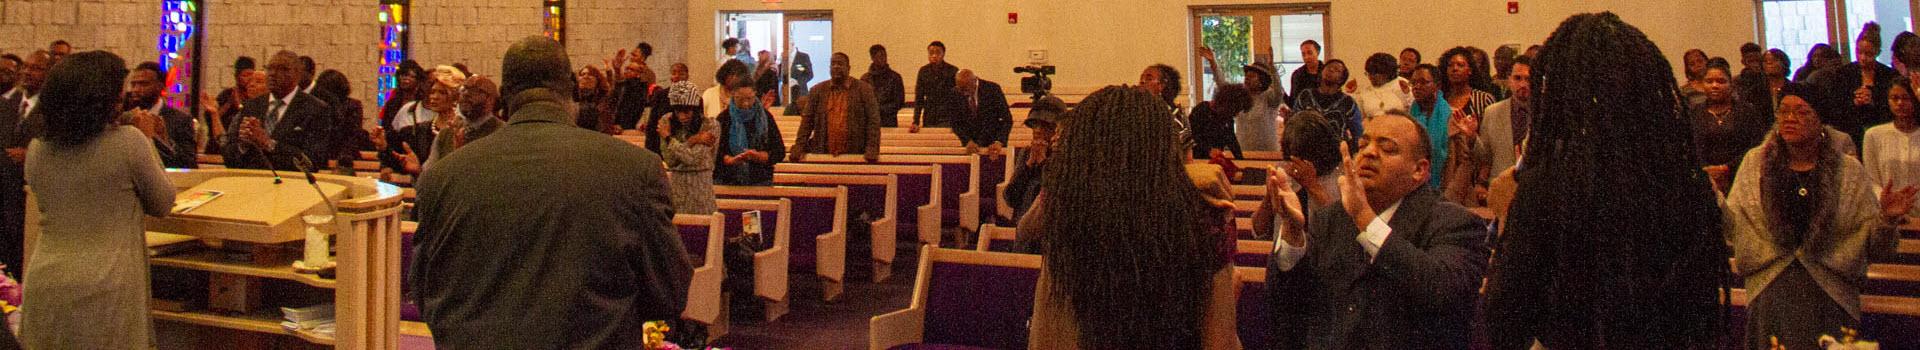 Inside Faith Temple Evanston